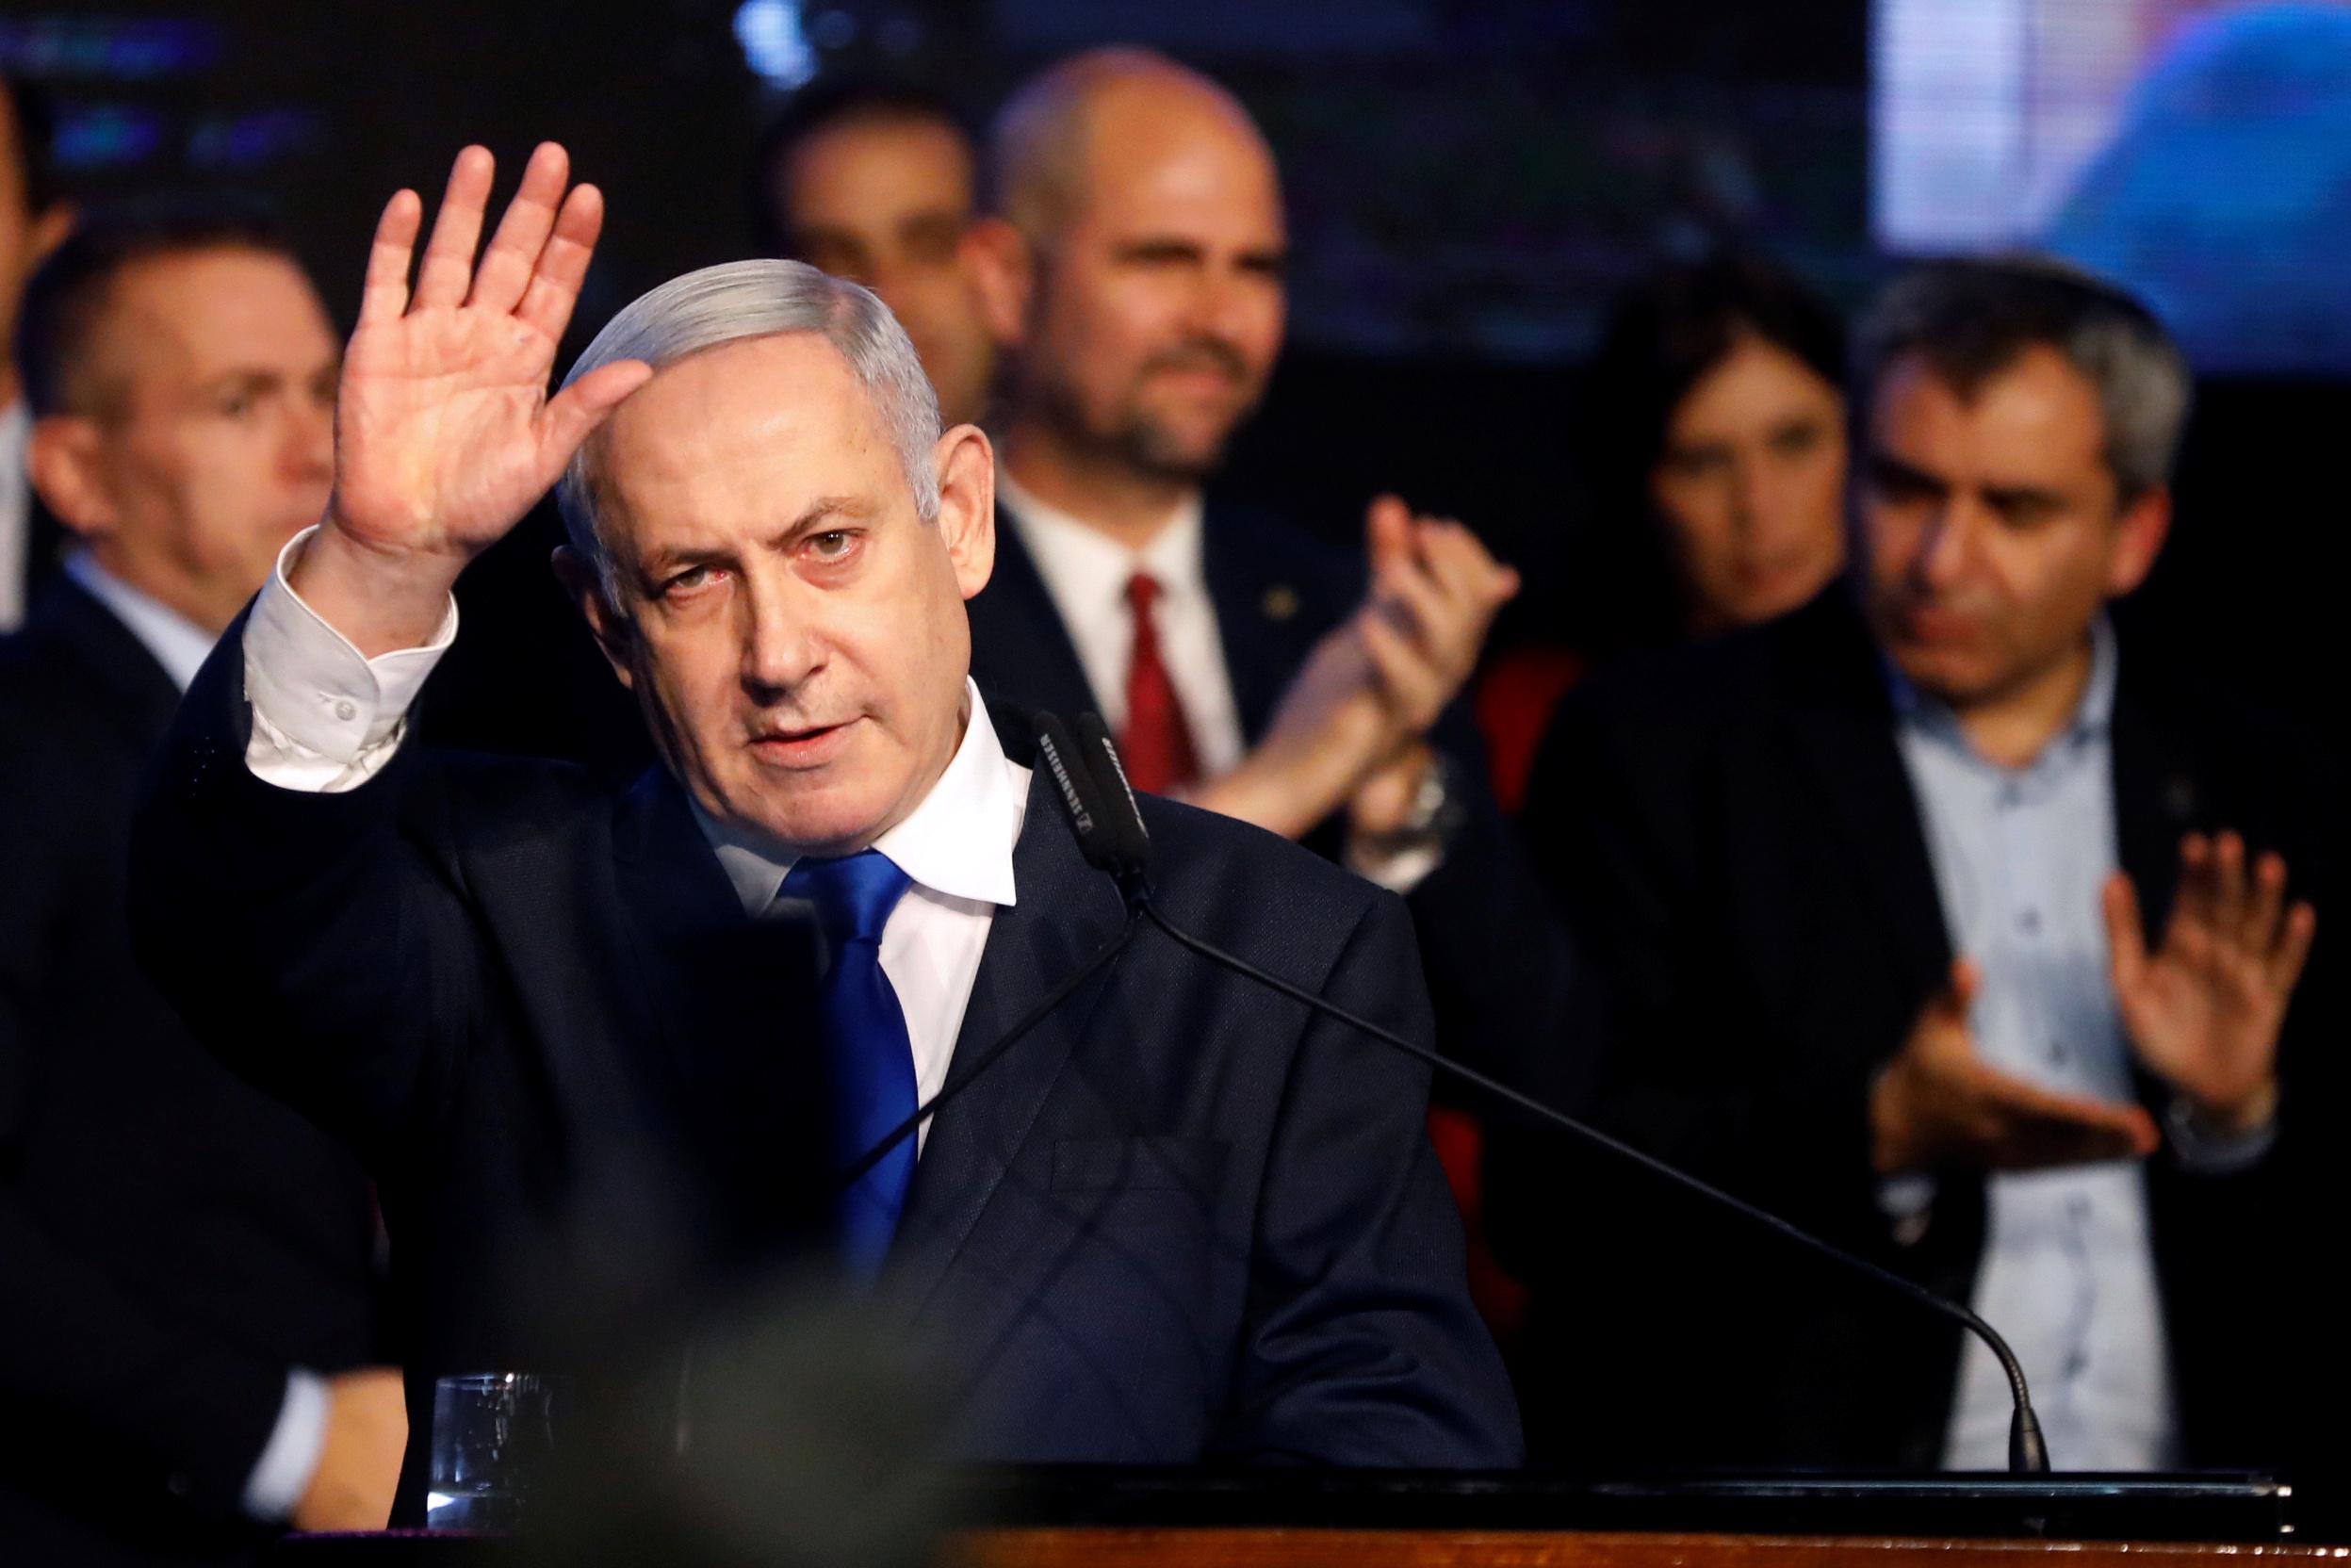 Le Premier ministre israélien Benjamin Netanyahu a été formellement inculpé jeudi pour corruption, fraude et abus de confiance par le procureur général d'Israël Avichai Mandelblit. /Photo prise le 17 novembre 2019/REUTERS/Nir Elias